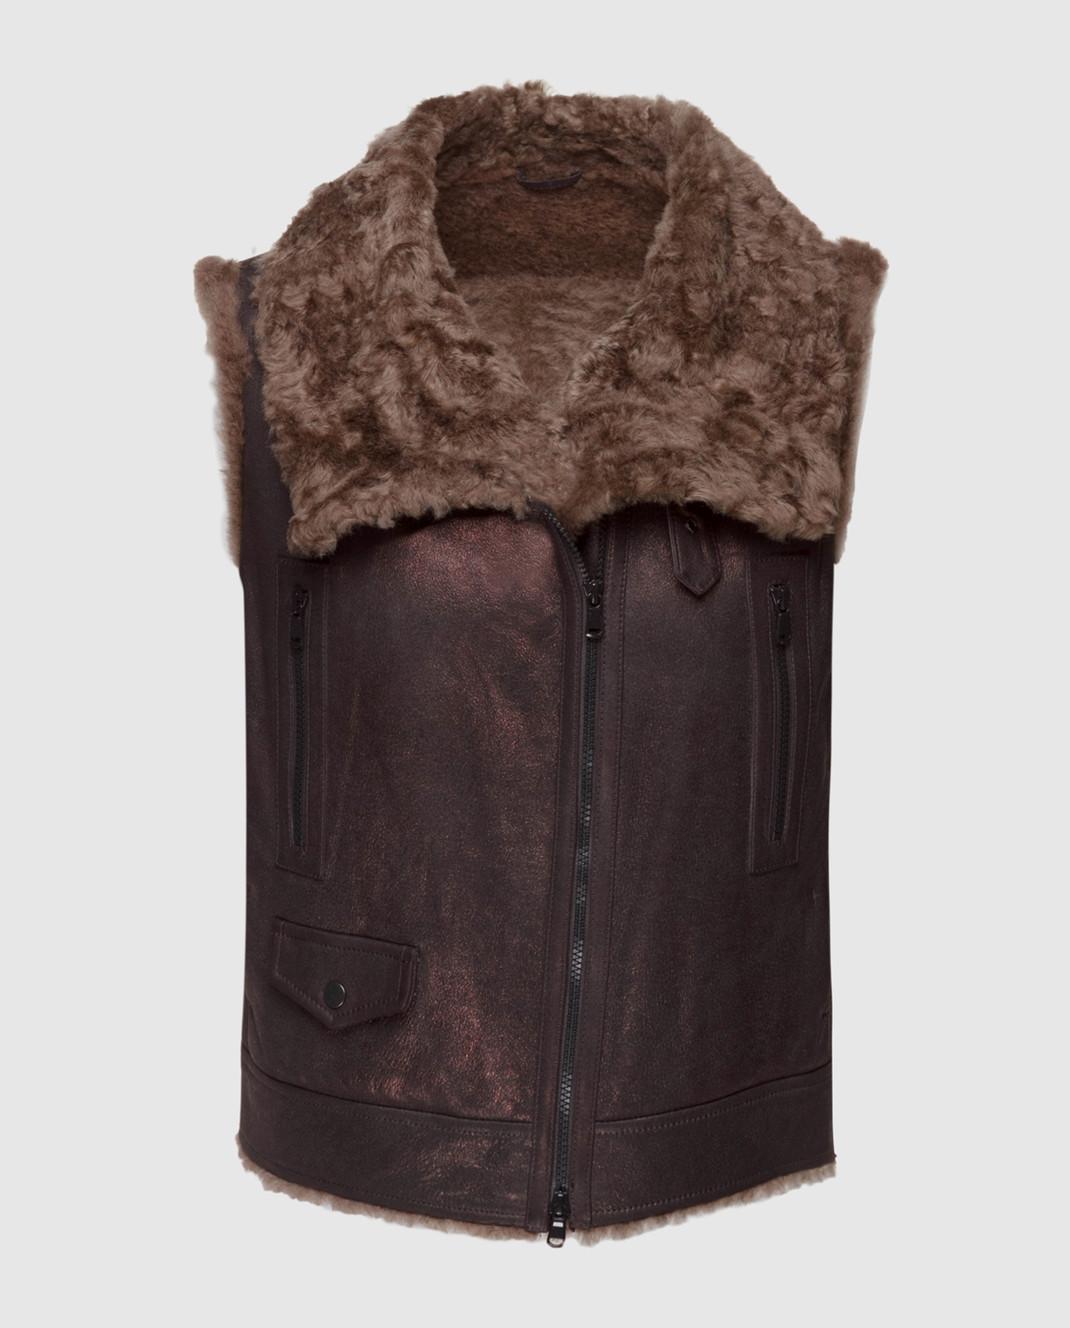 Brunello Cucinelli Коричневый кожаный жилет с мехом барашка MPBPO8449P